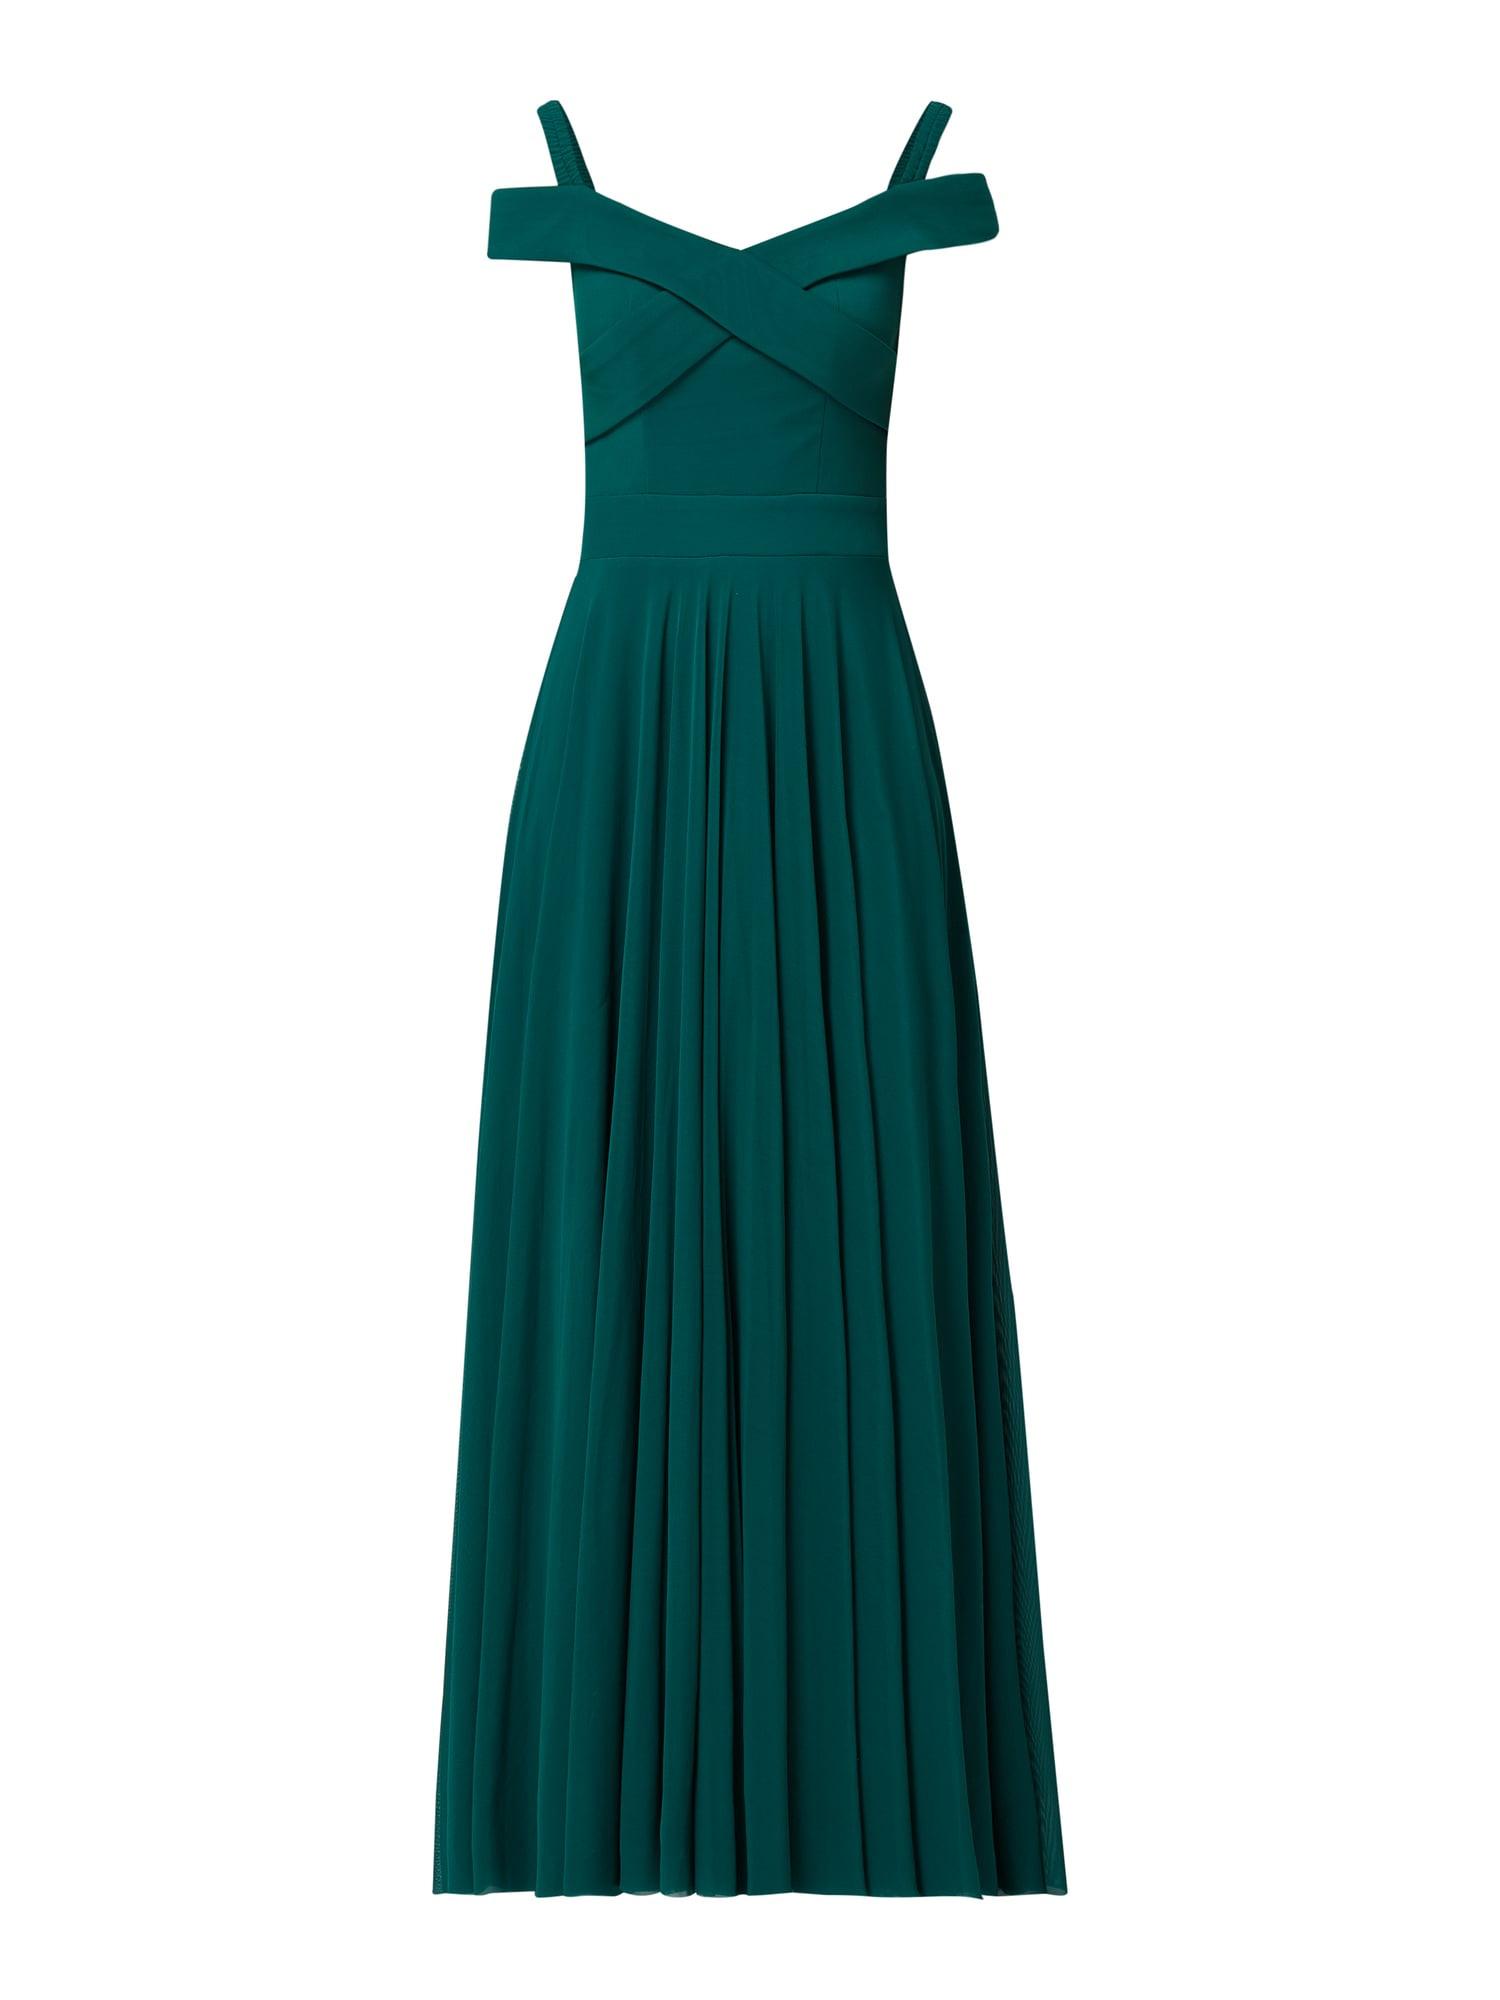 Designer Leicht Troyden Collection Abendkleid für 201910 Einfach Troyden Collection Abendkleid Vertrieb